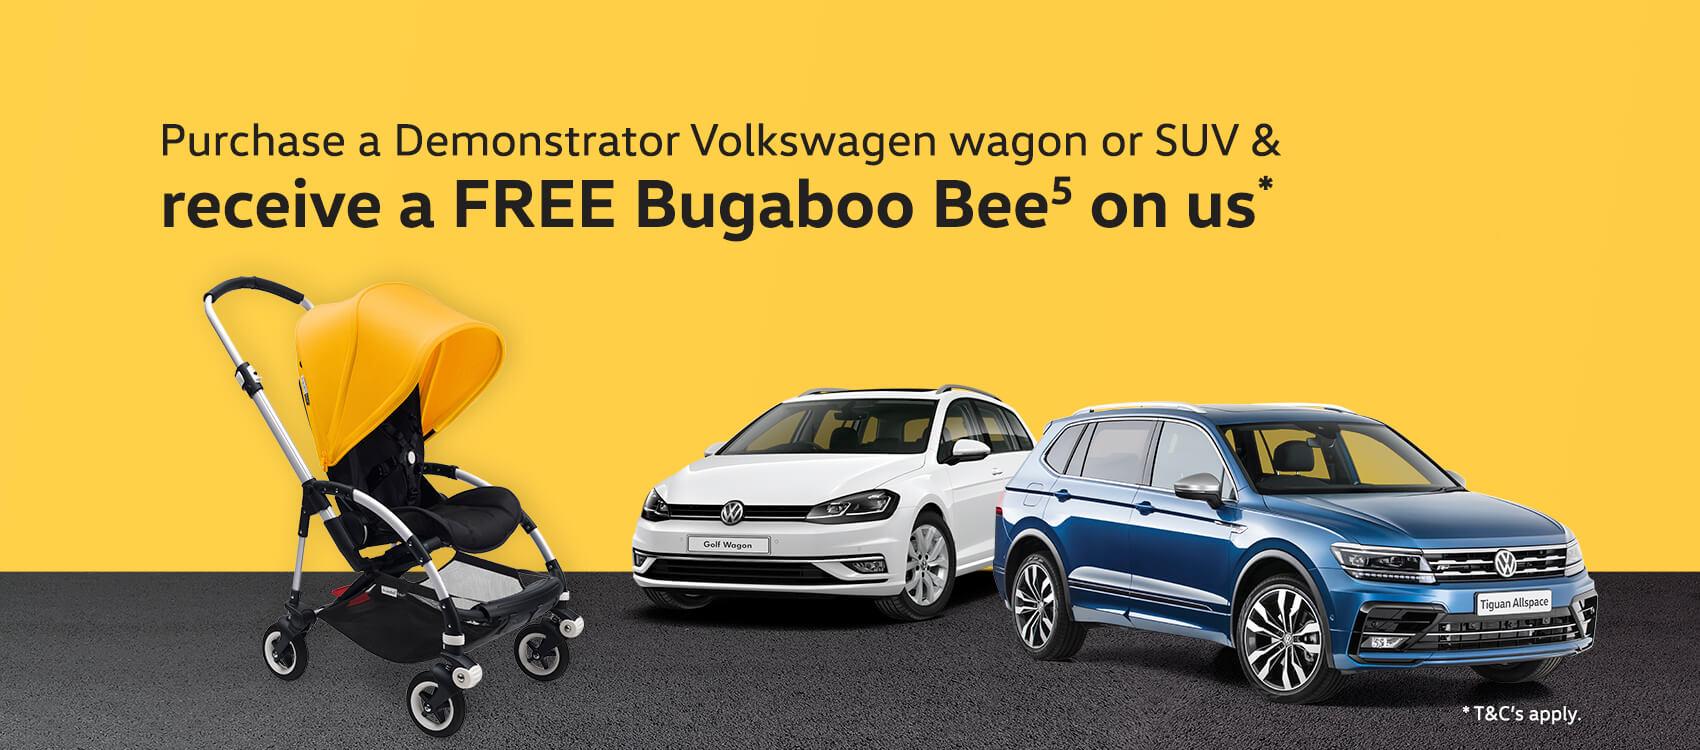 Leichhardt Volkswagen Exclusive Offer